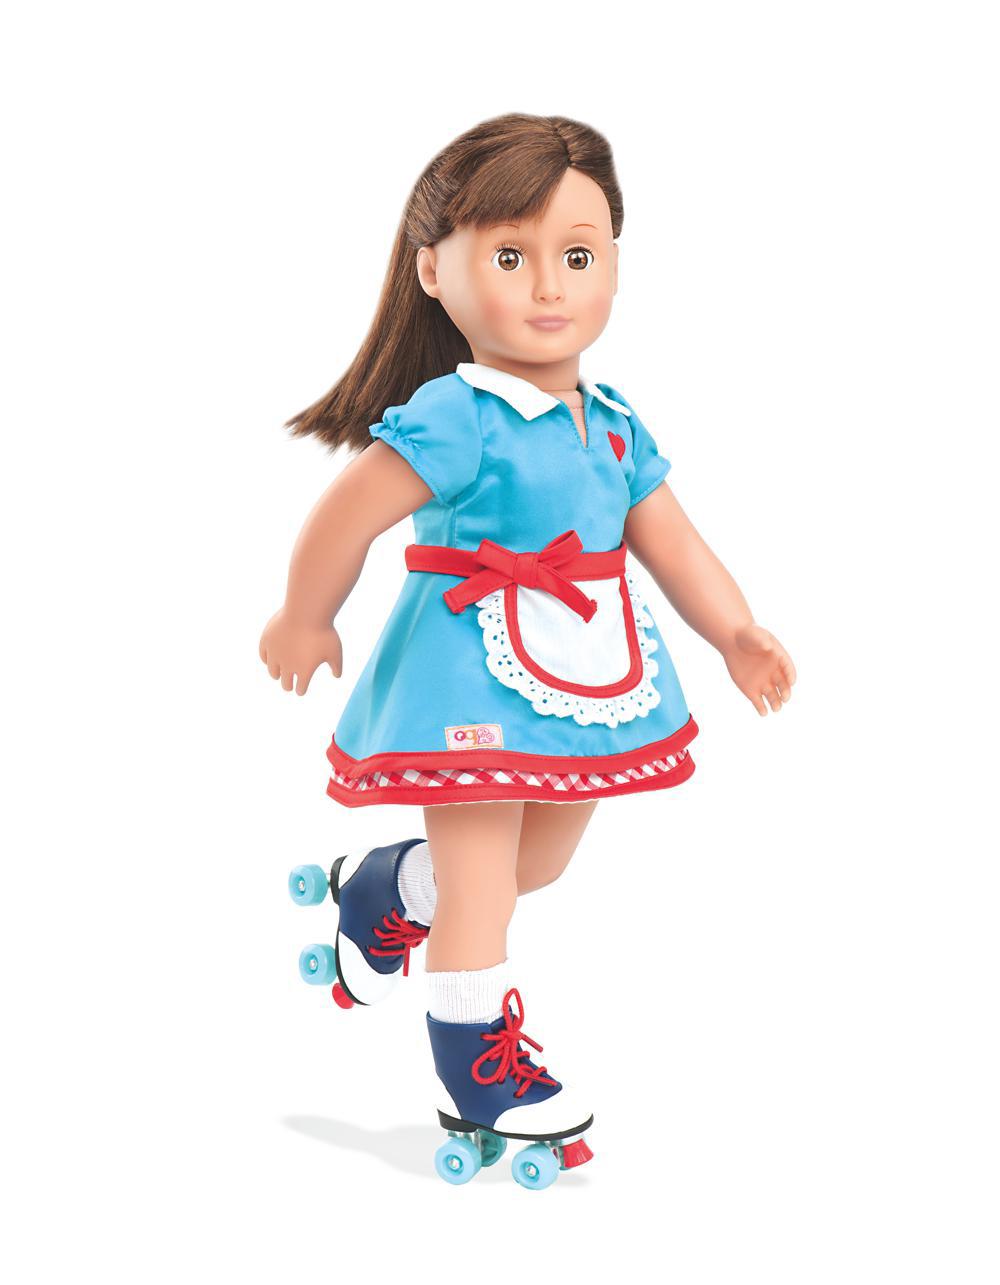 Ensemble de luxe rétro Serveuse à roulettes Soda Pop Sweetheart pour poupée OG de 46 cm